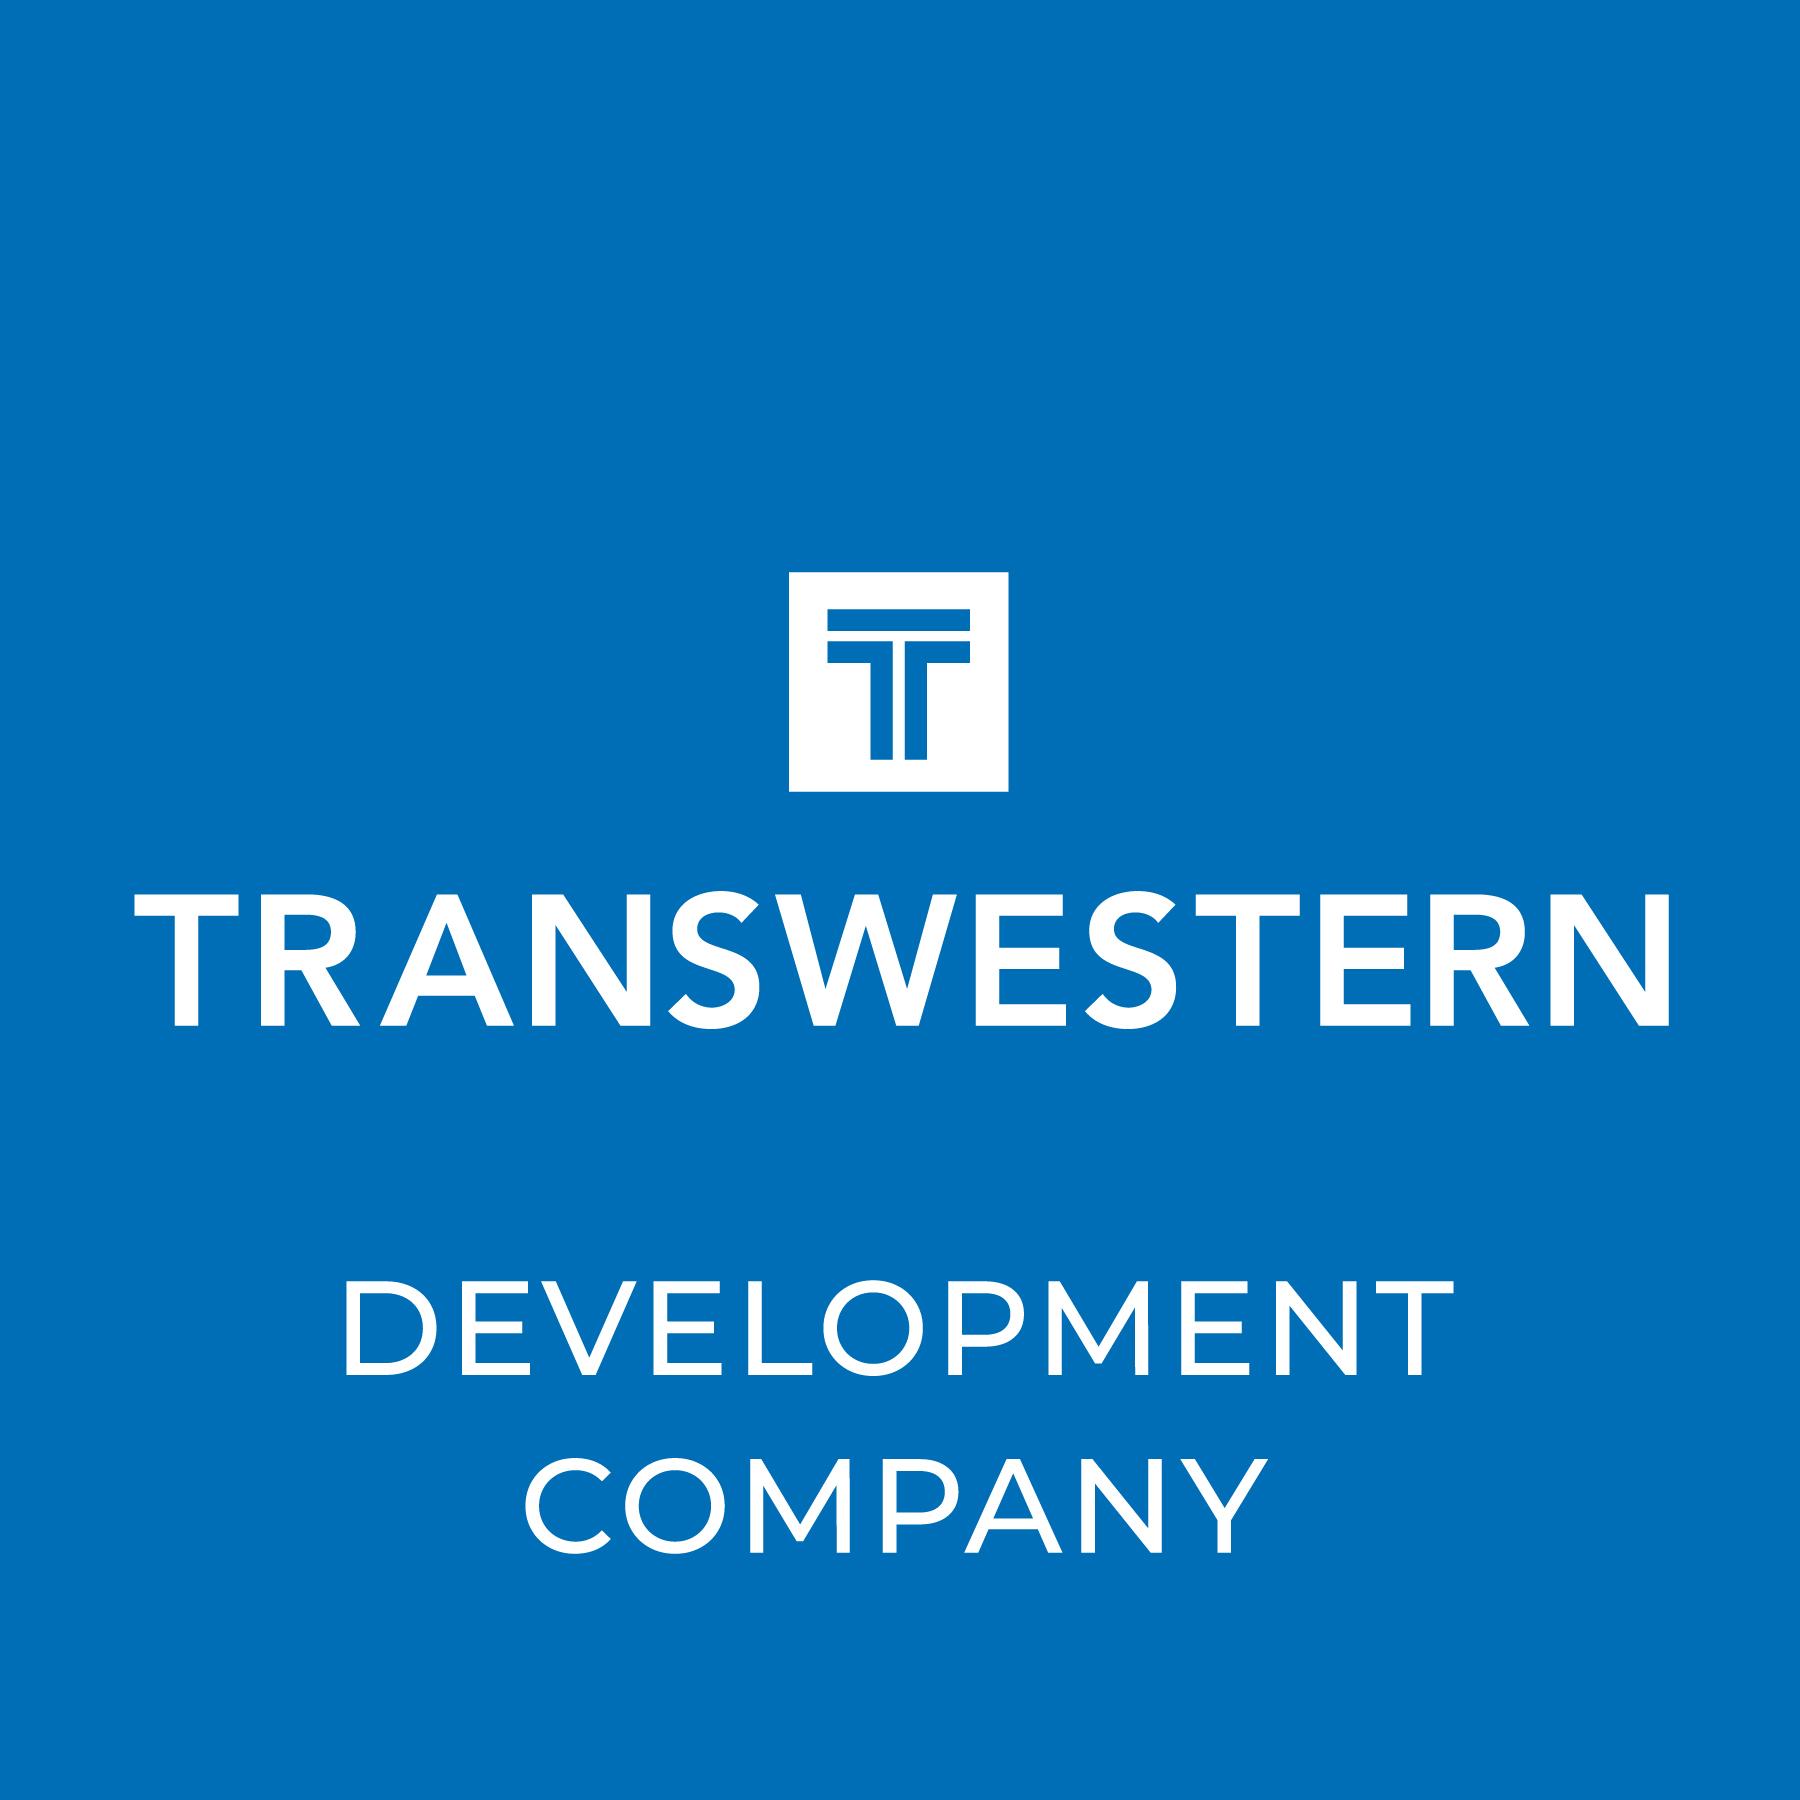 Transwestern Developmenet